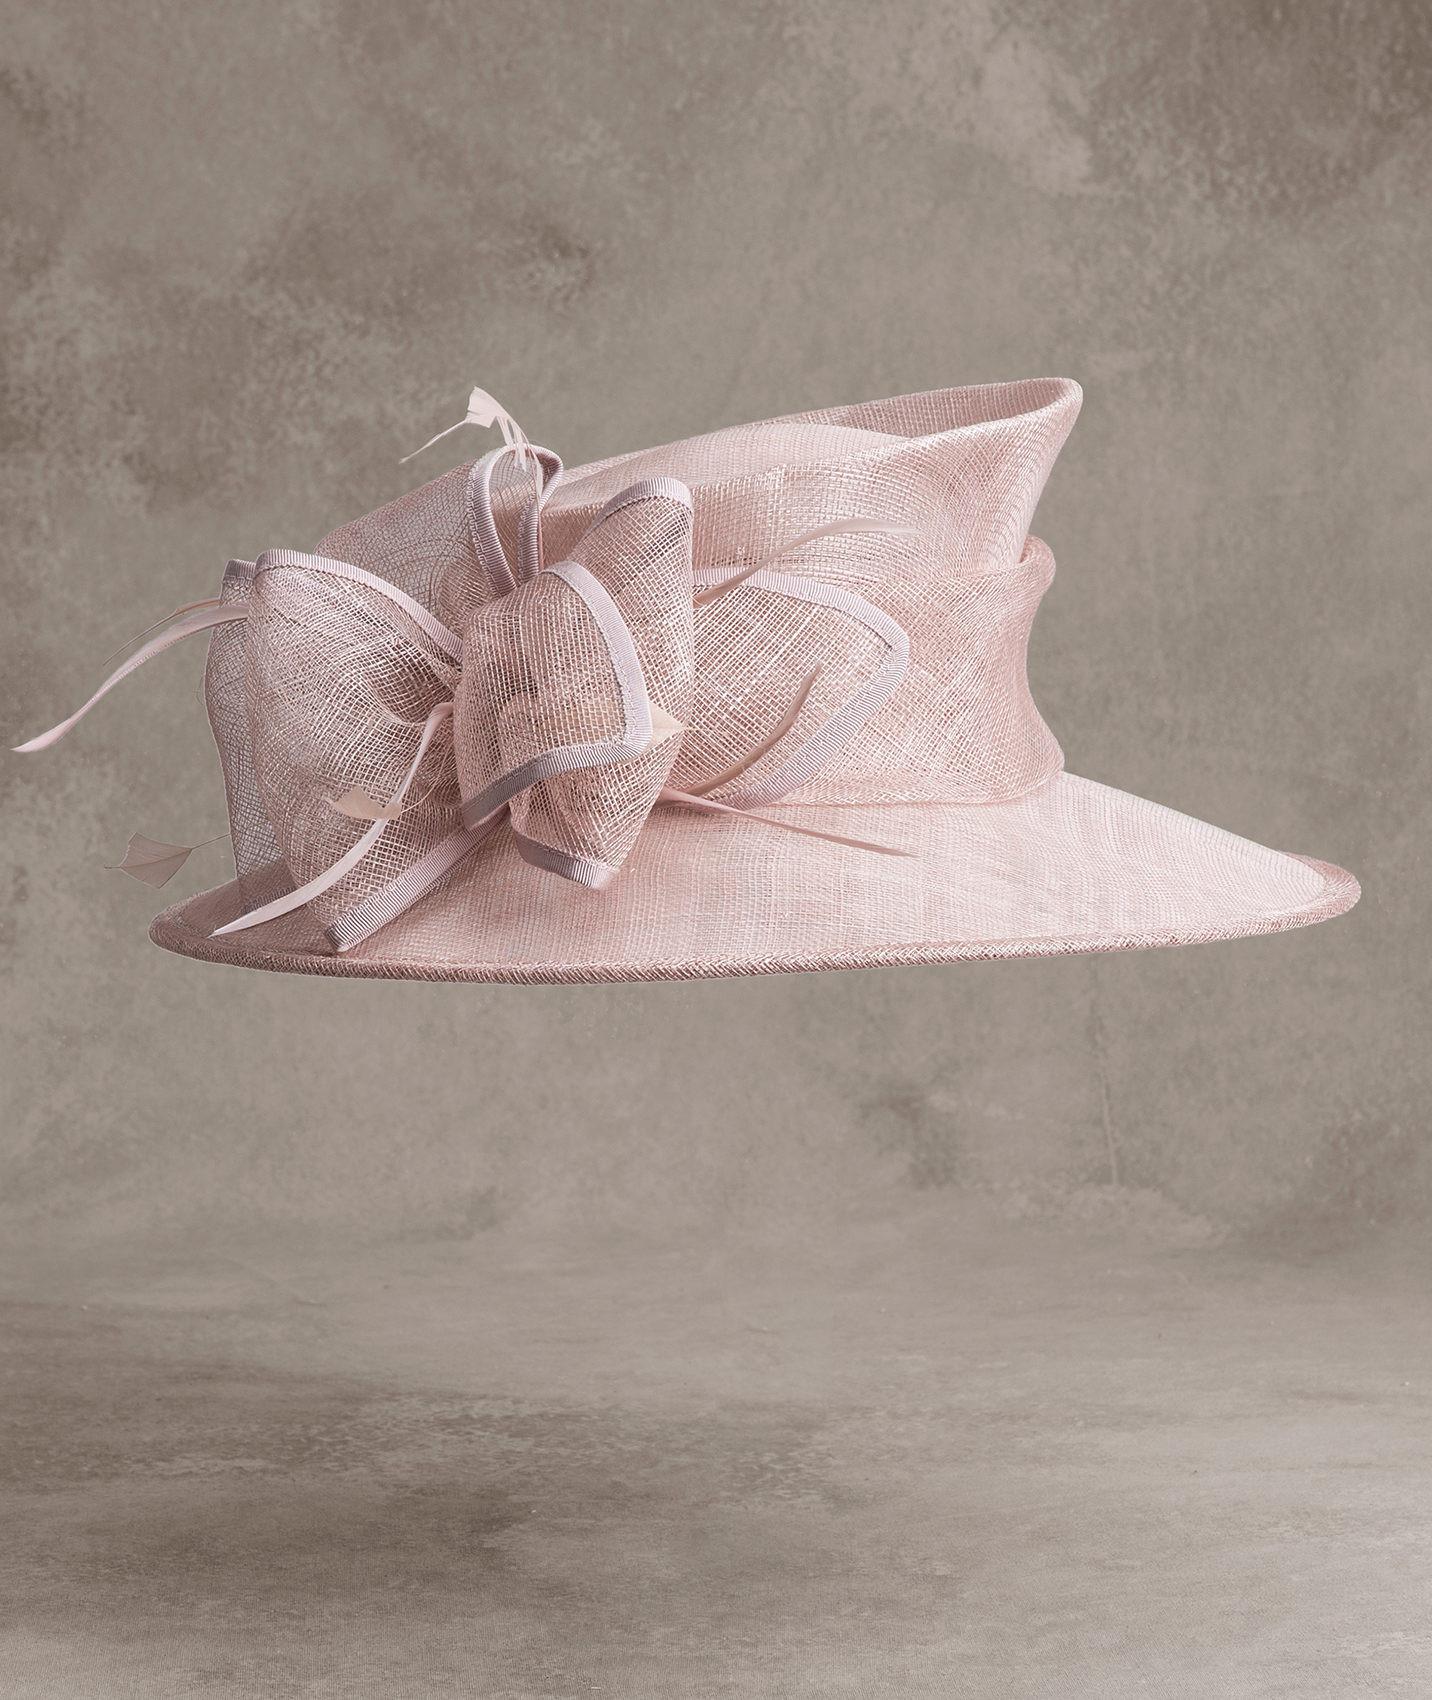 Cappello da cerimonia rosa in in raffia, piume e gros grain Pronovias